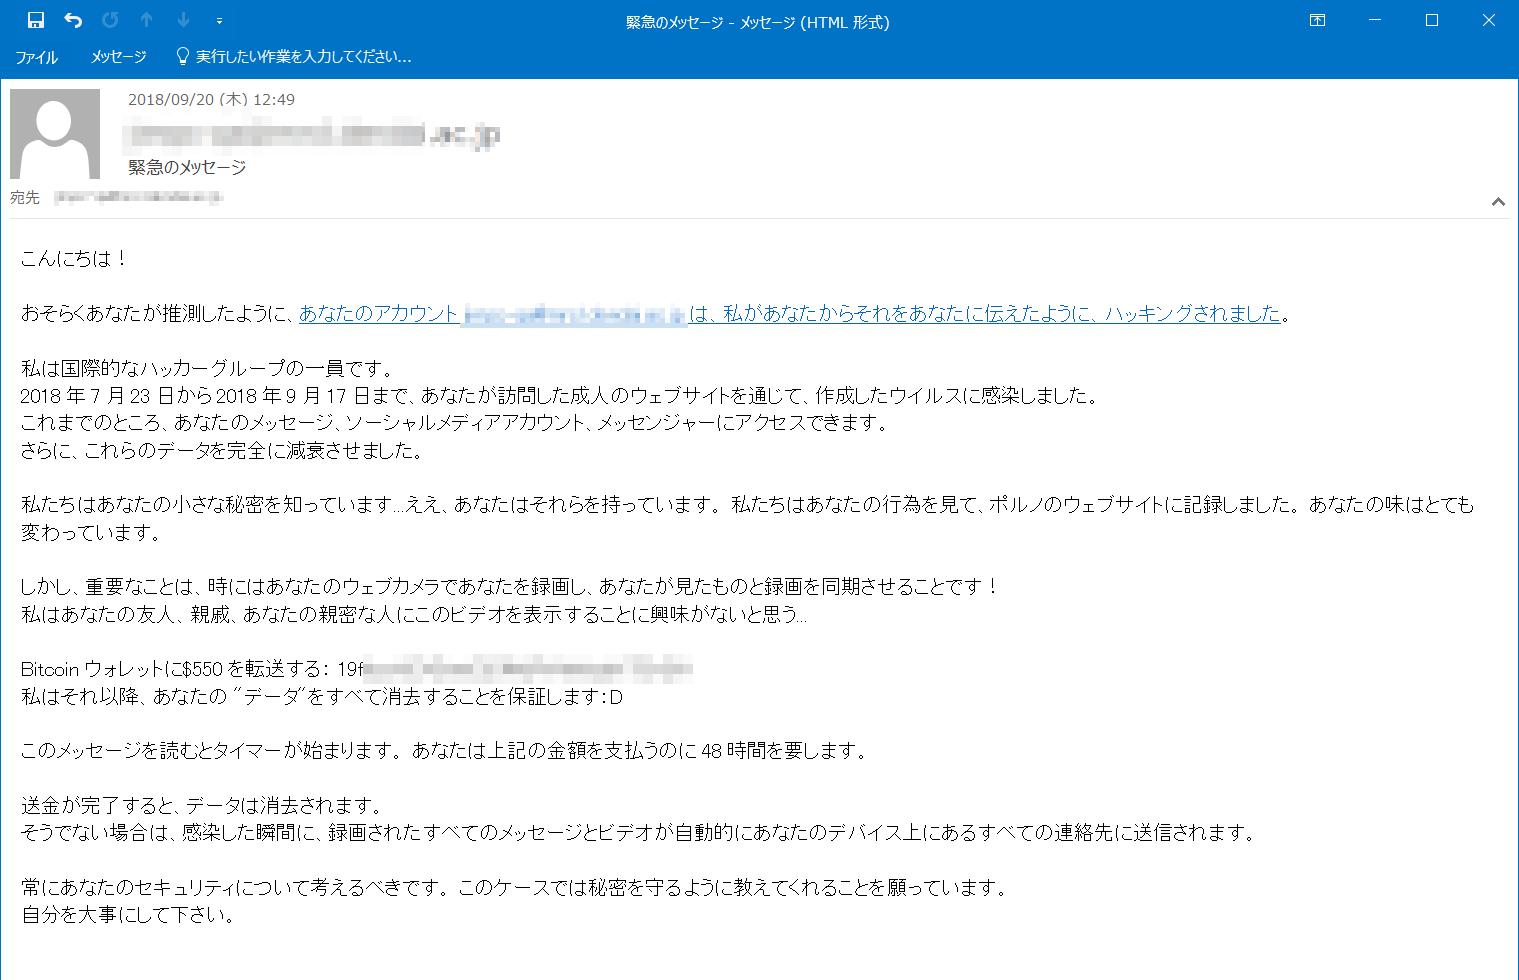 9月20日に送信された詐欺メールの例